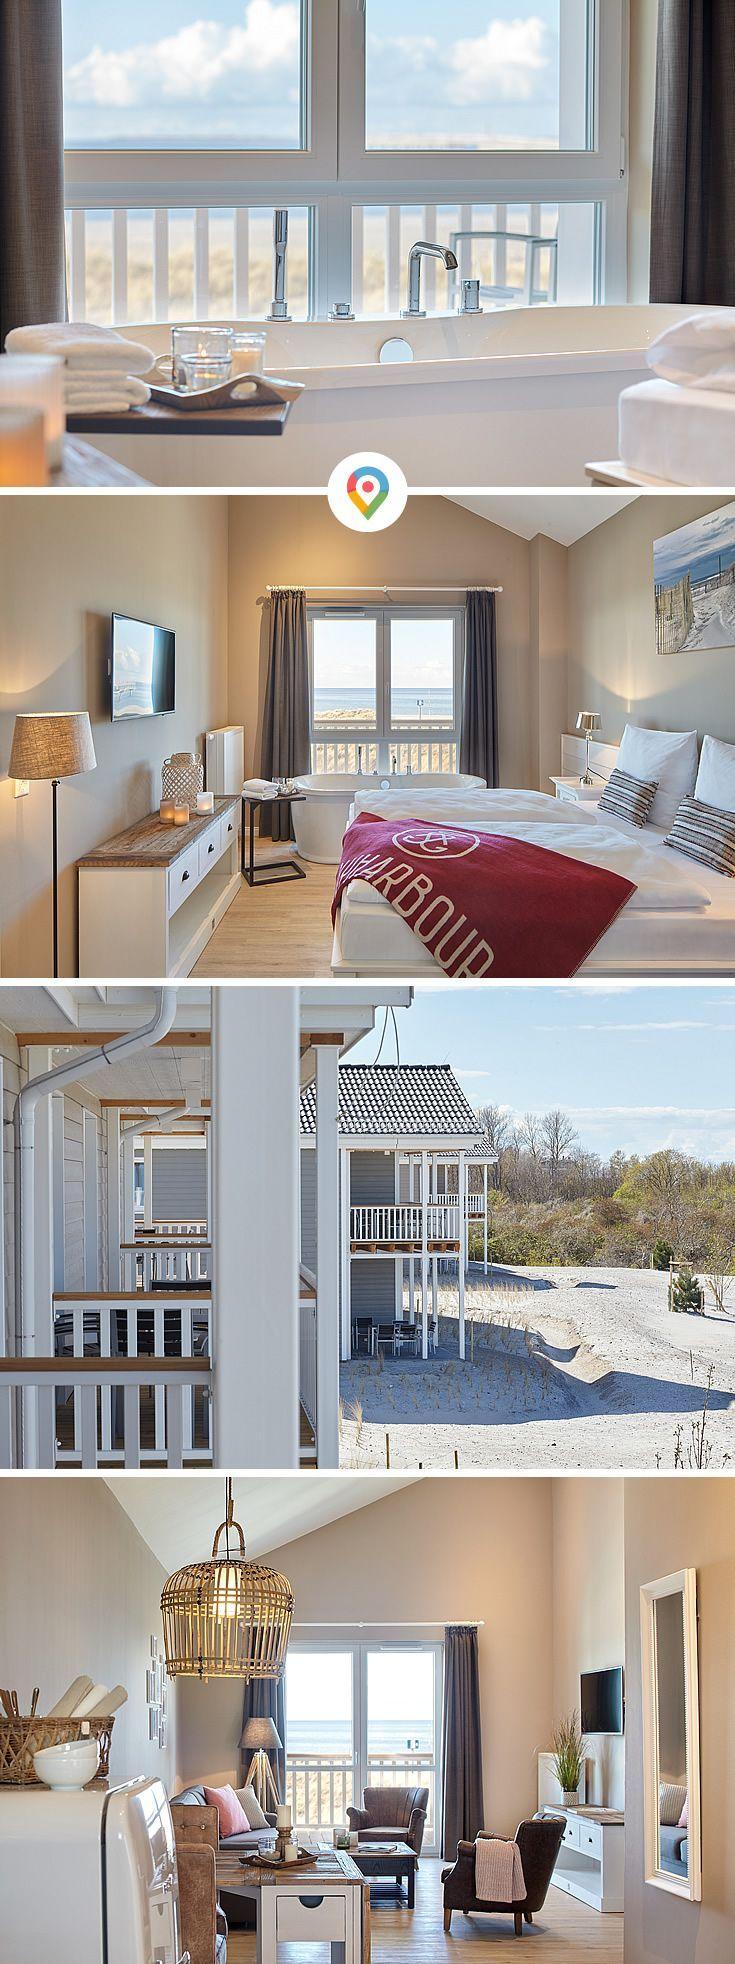 Ferienwohnung Ocean L Fur 6 Personen Und 2 Schlafzimmer Mit Meerblick In Heiligenhafen An Der Ostsee Badewan In 2020 Apartment Living Room Apartment Living Apartment